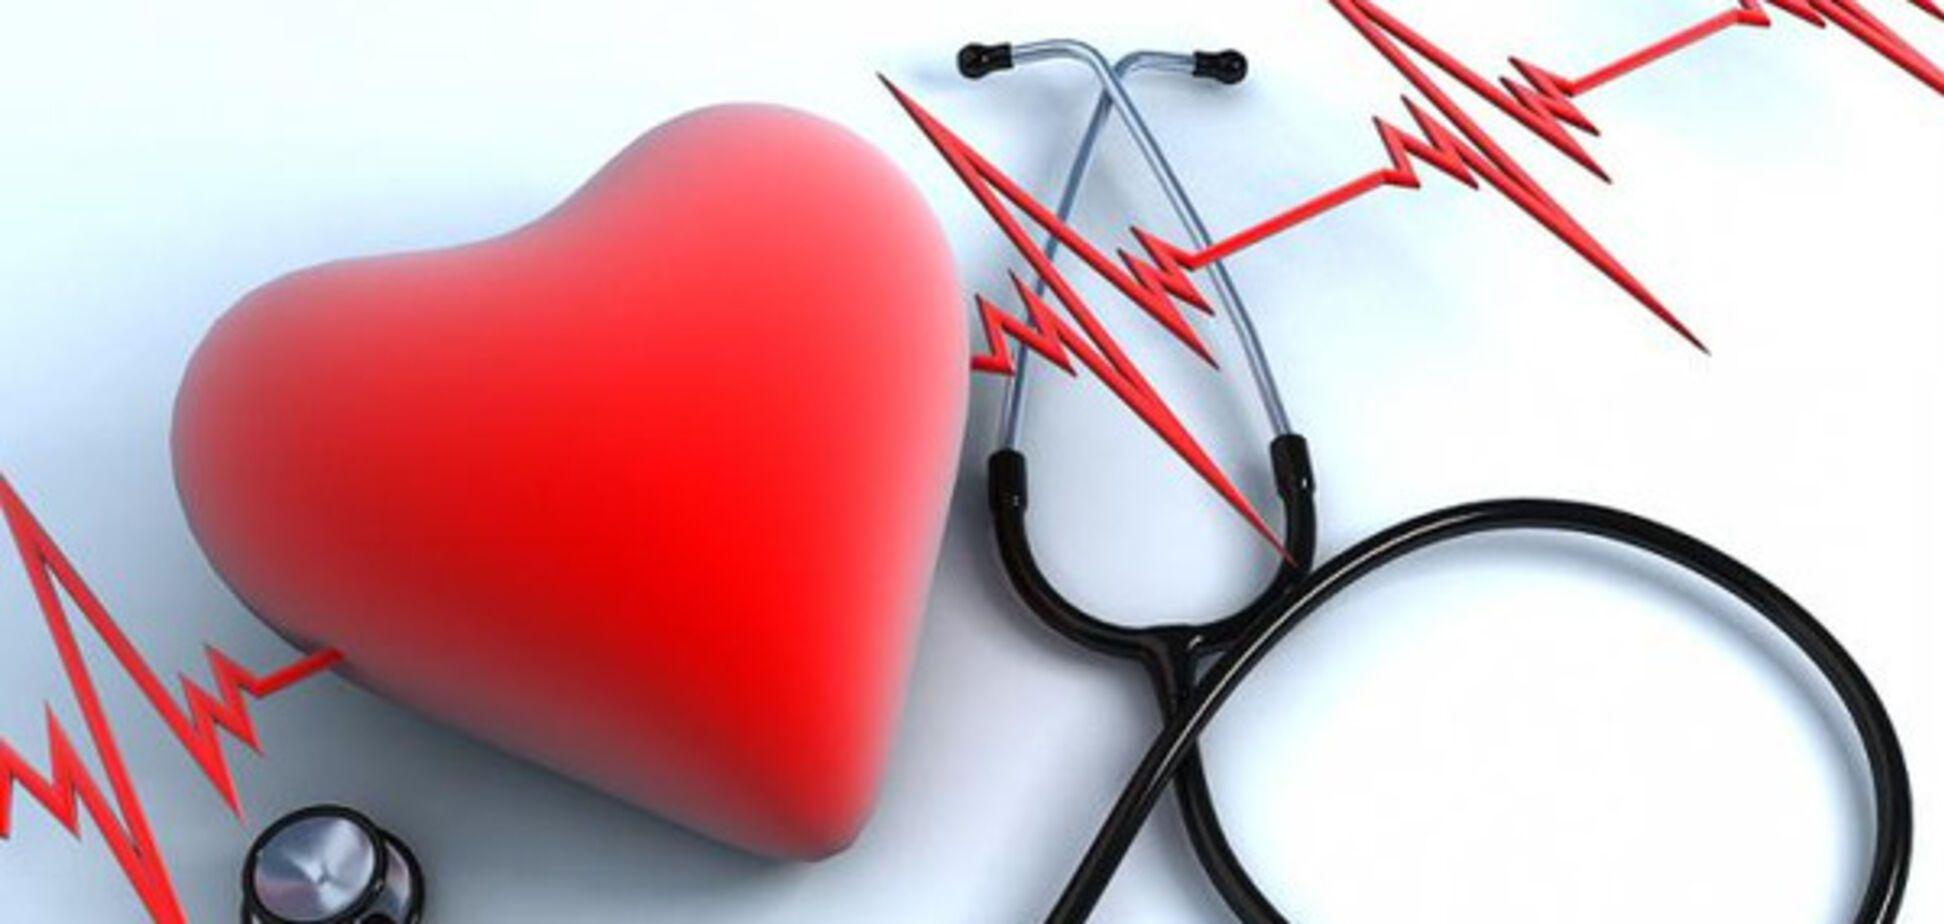 В Україні заборонили реалізацію популярного серцевого препарату